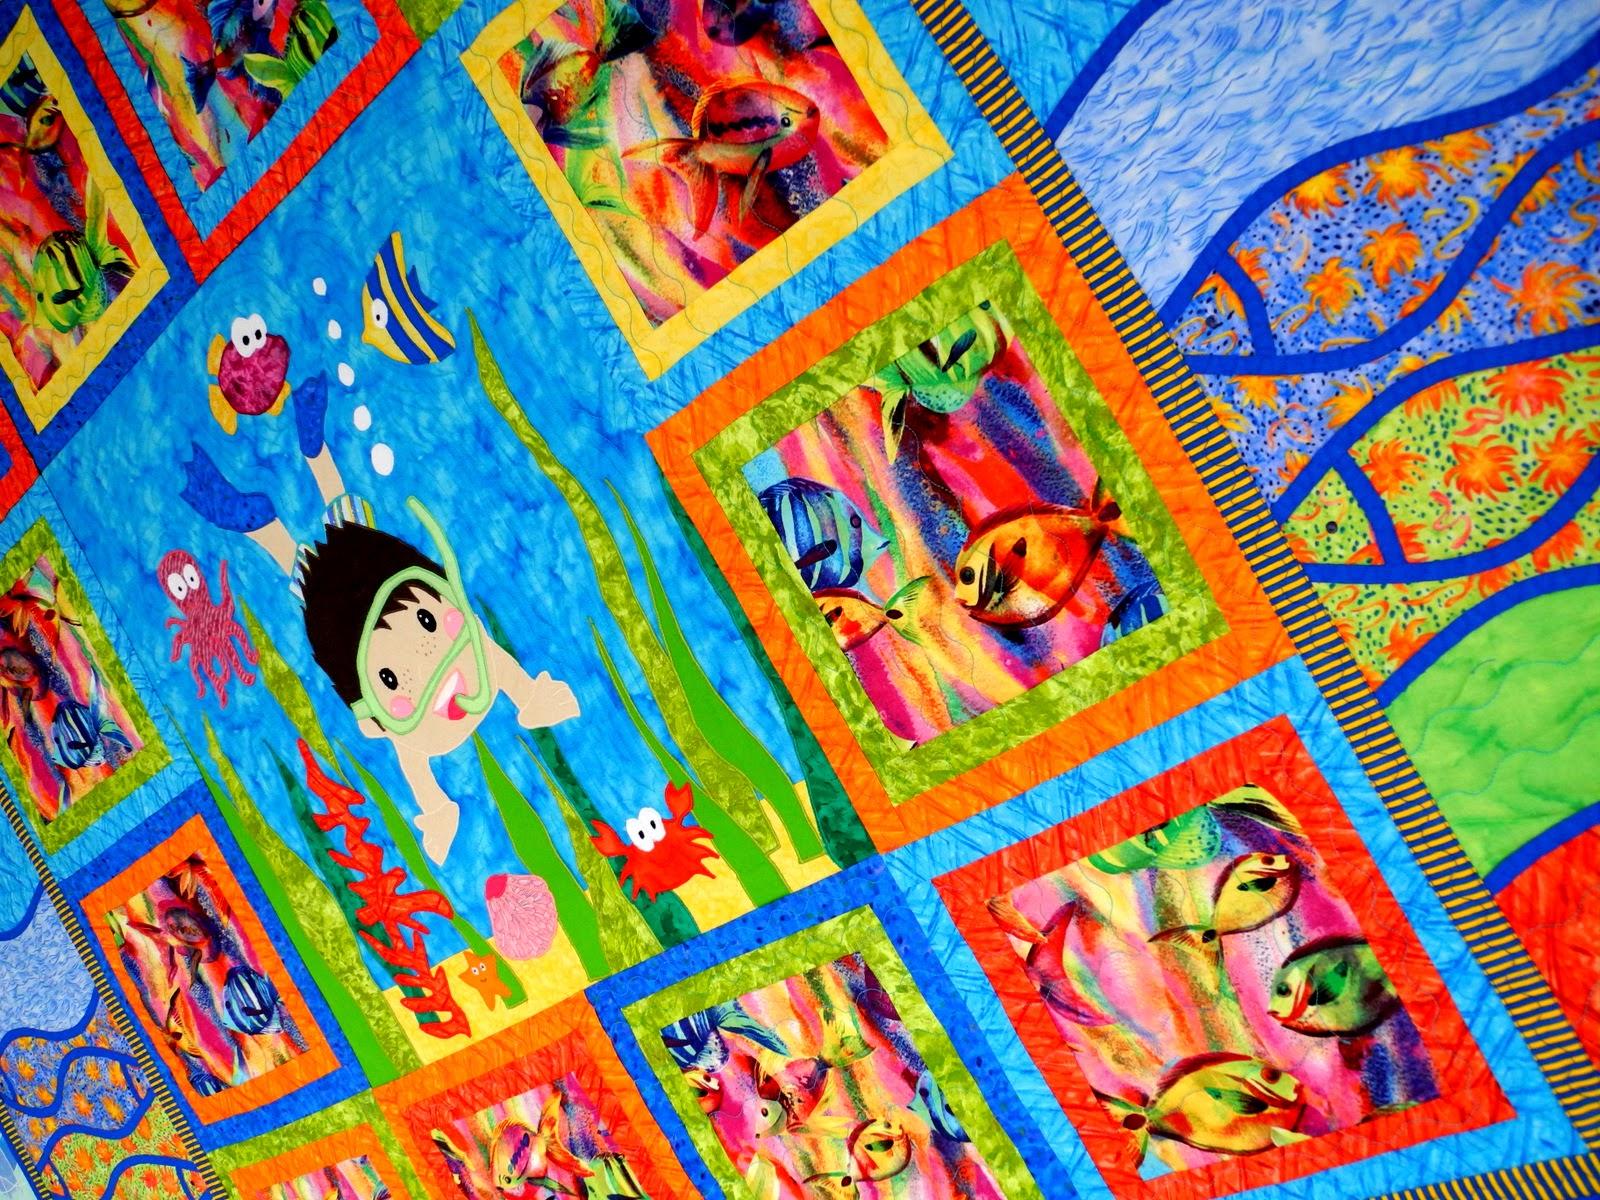 Рукоделие Плед в стиле пэчворк Рукоделие для дома Ручная работа Рукоделие своими руками Лоскутная аппликация Пэчворк аппликация Арт пэчворк Арт квилт Рукоделие пэчворк Детское лоскутное покрывало